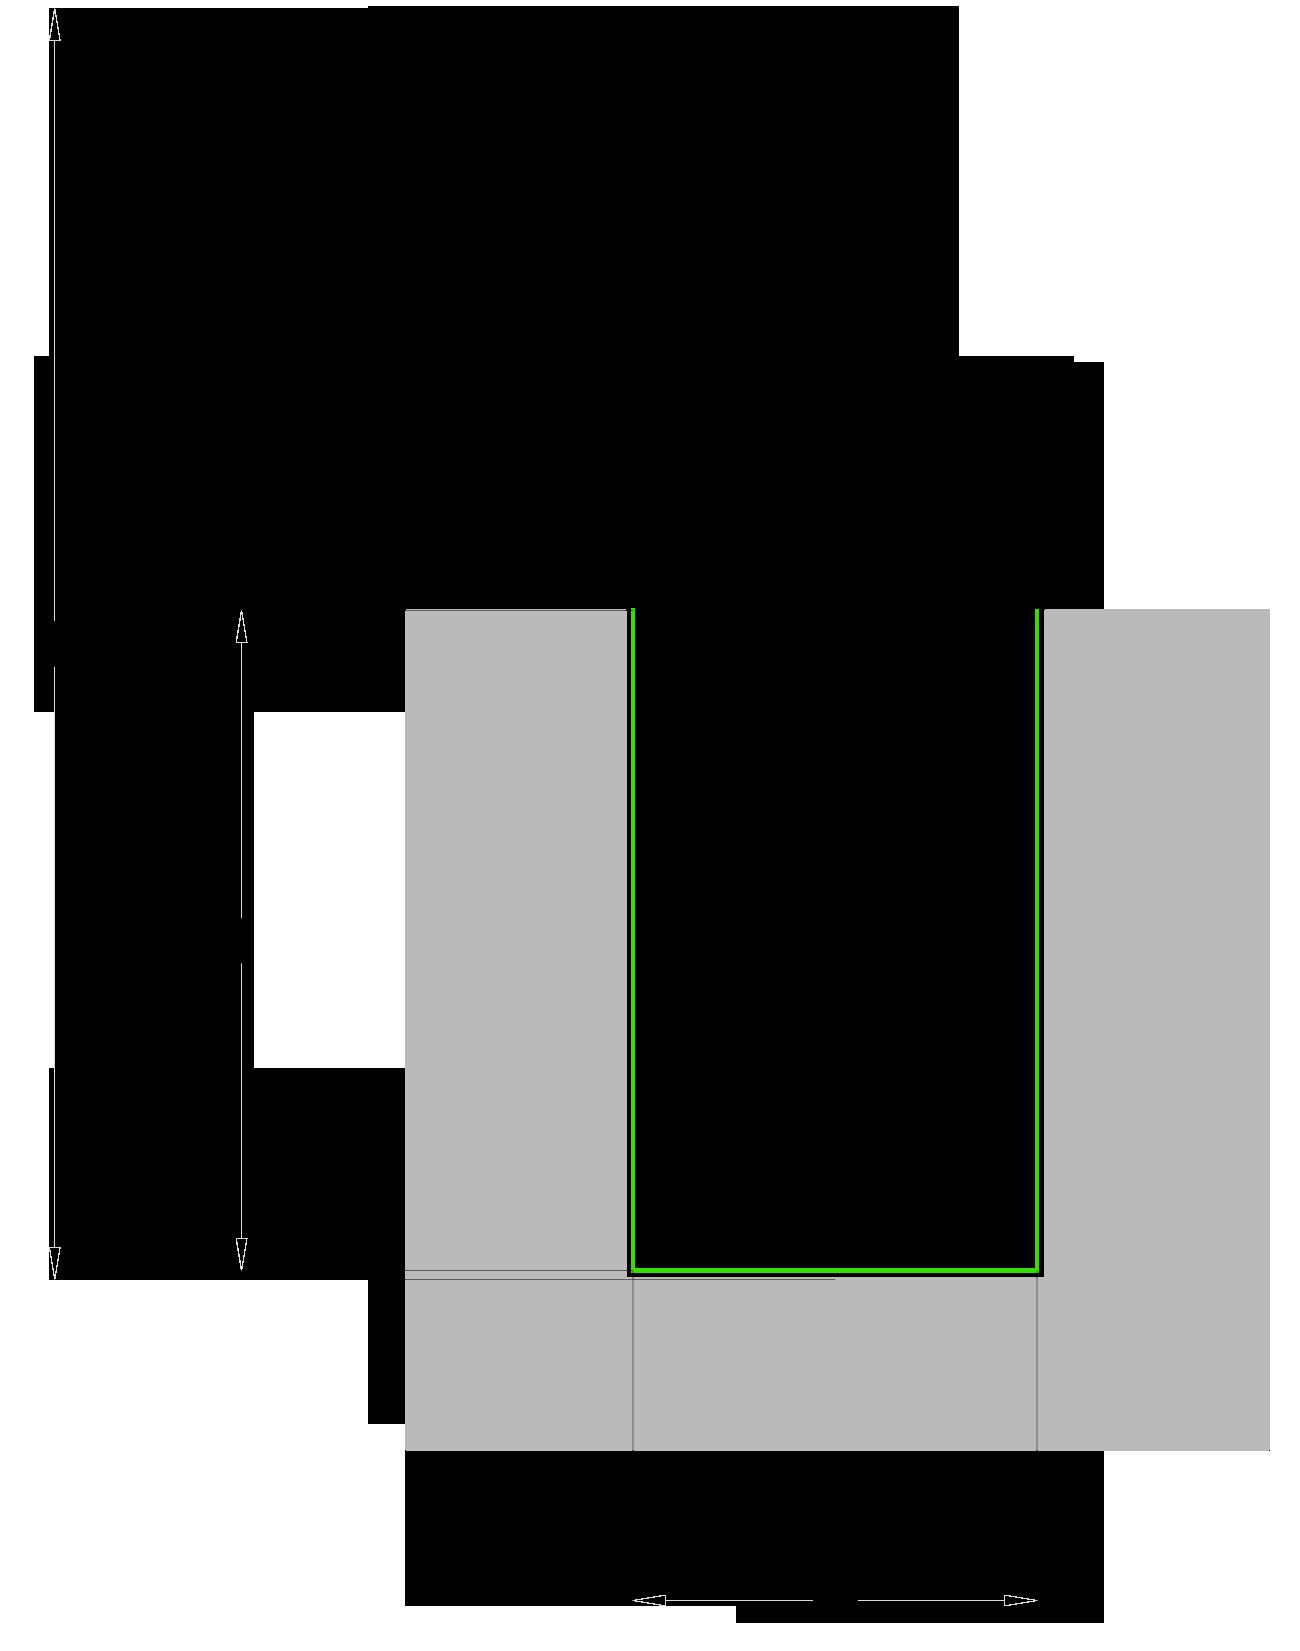 Fresa in PKD diamante a taglienti elicoidali assiale 20° - disegno tecnico